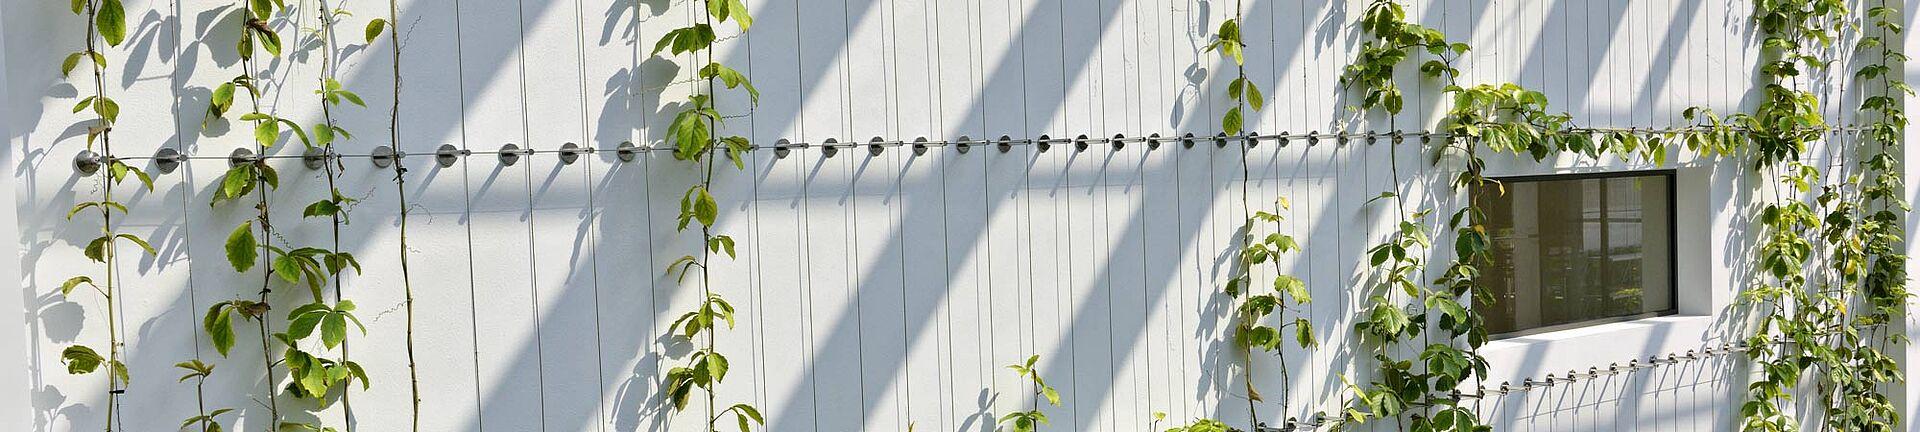 Baader Bank Begrünung I-SYS Edelstahl-Seilsystem